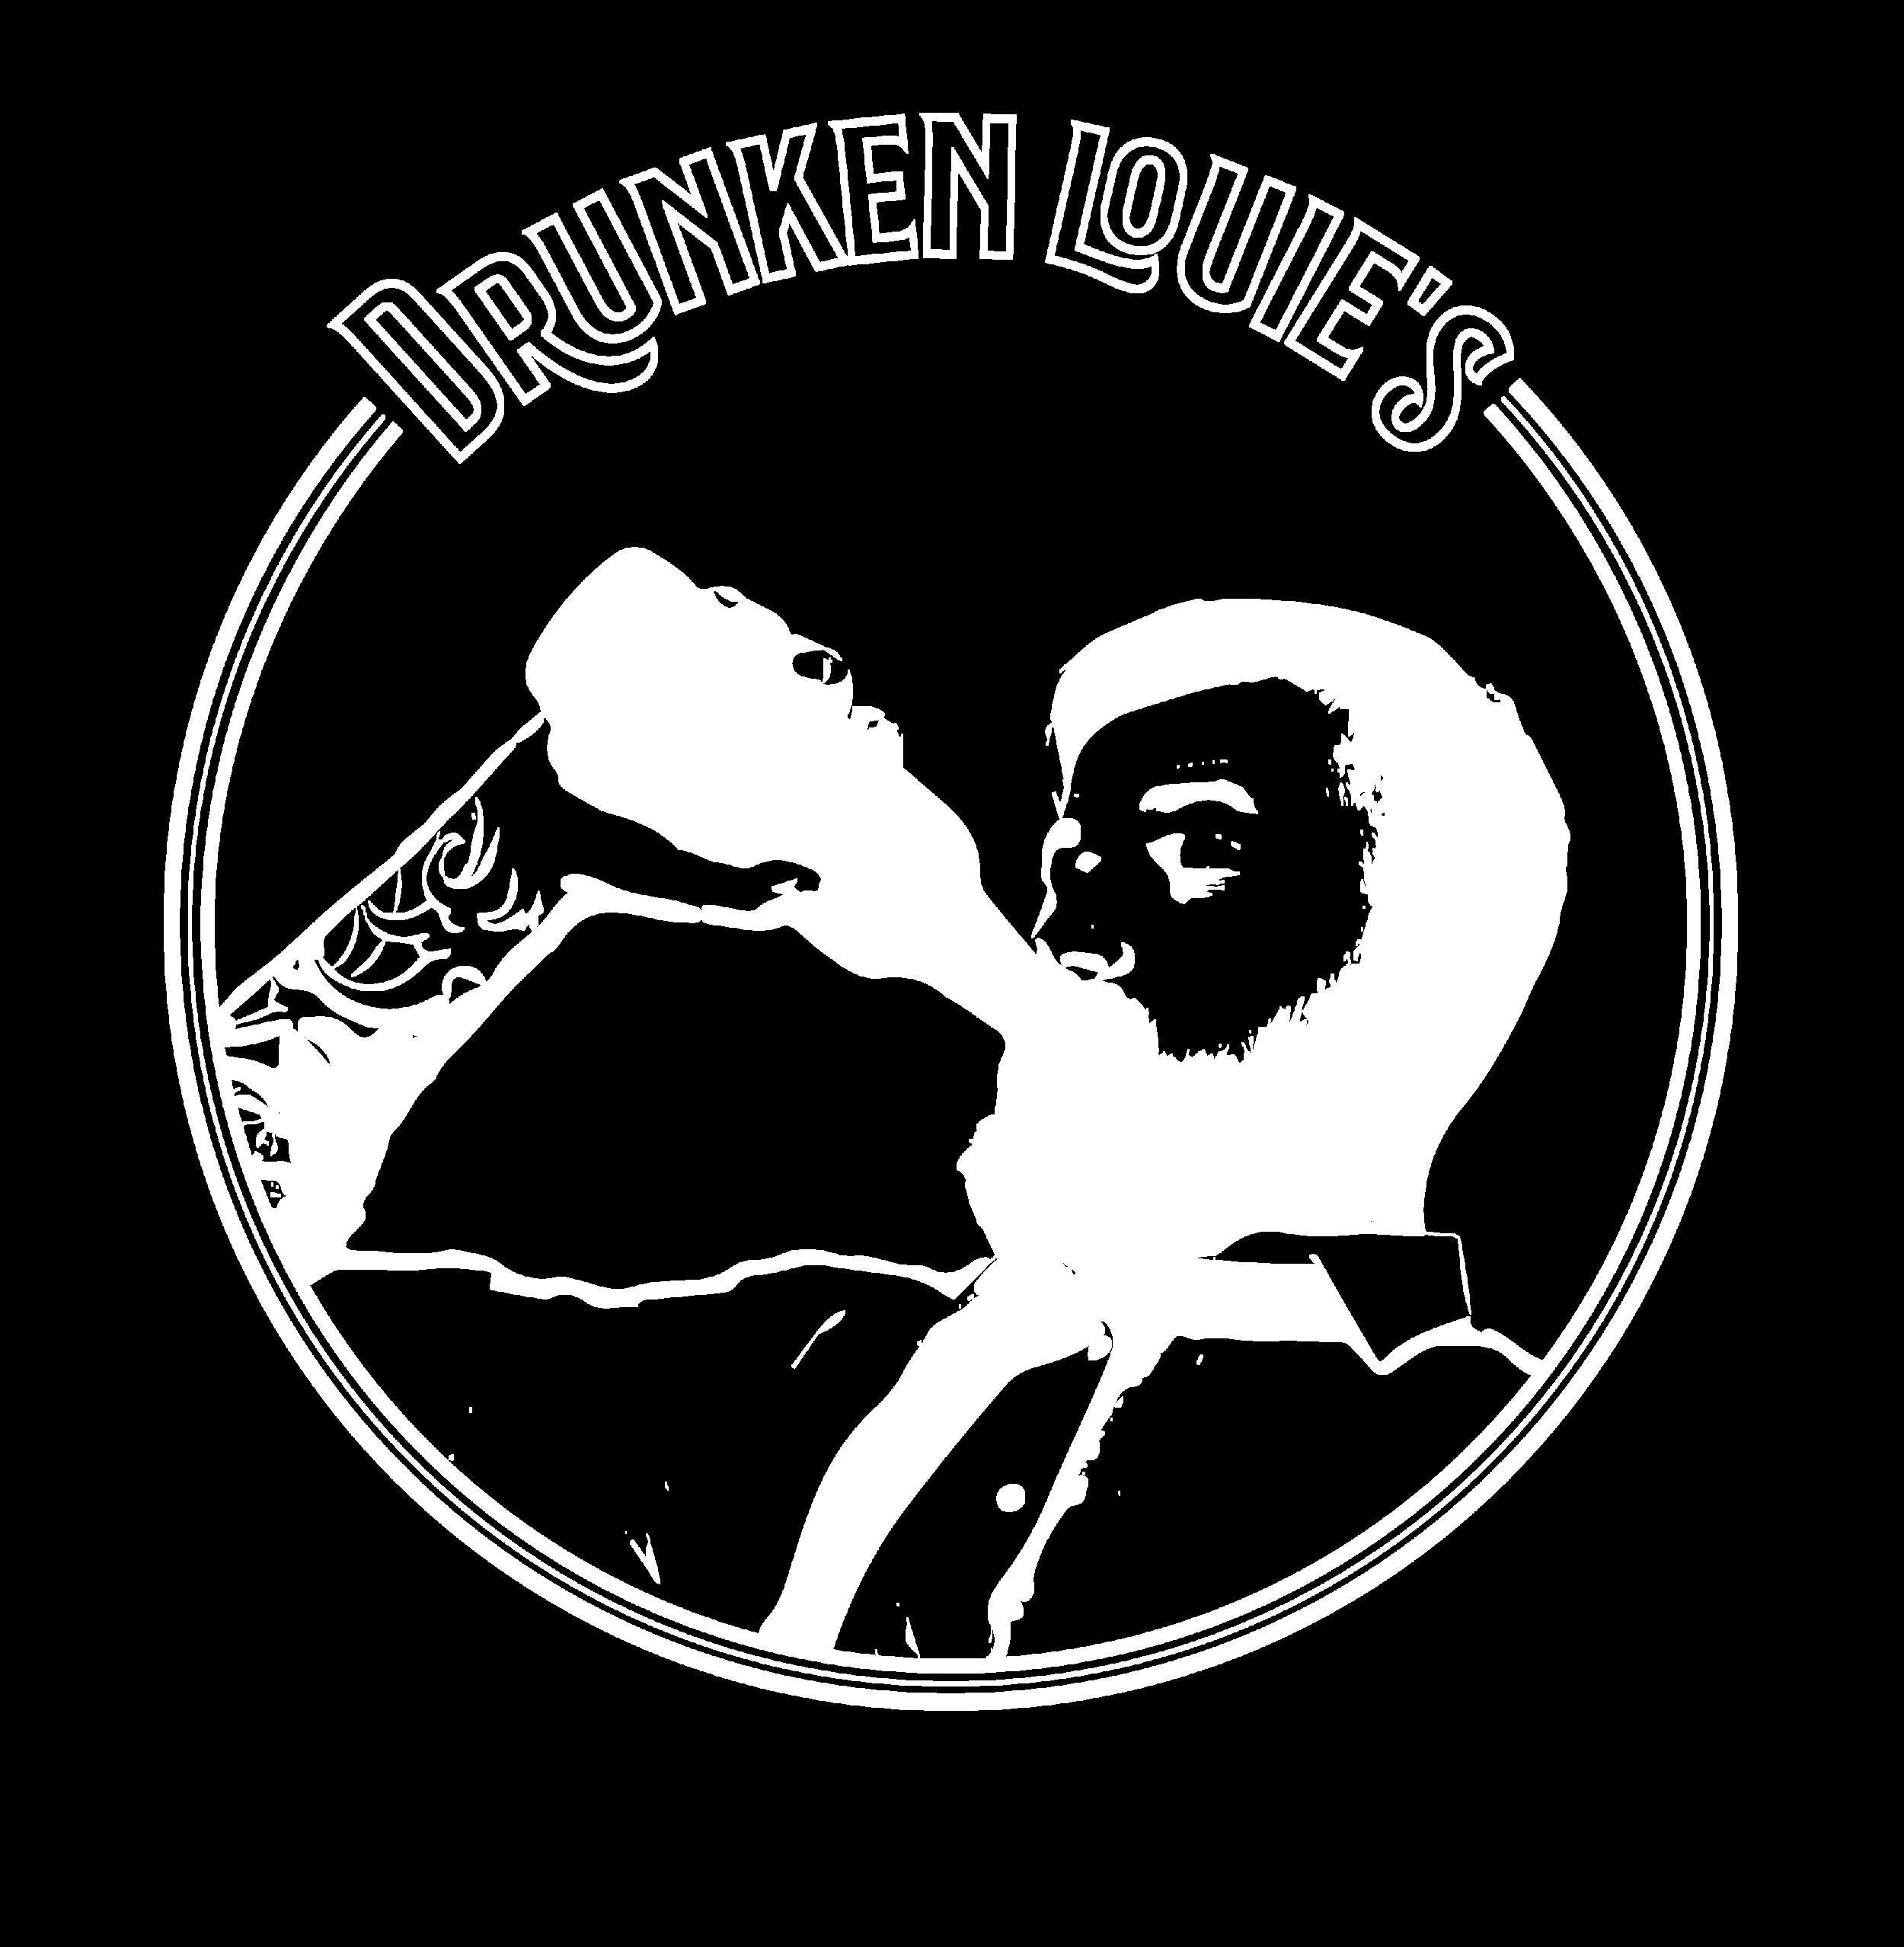 Drunken-louie-circle-logo.png